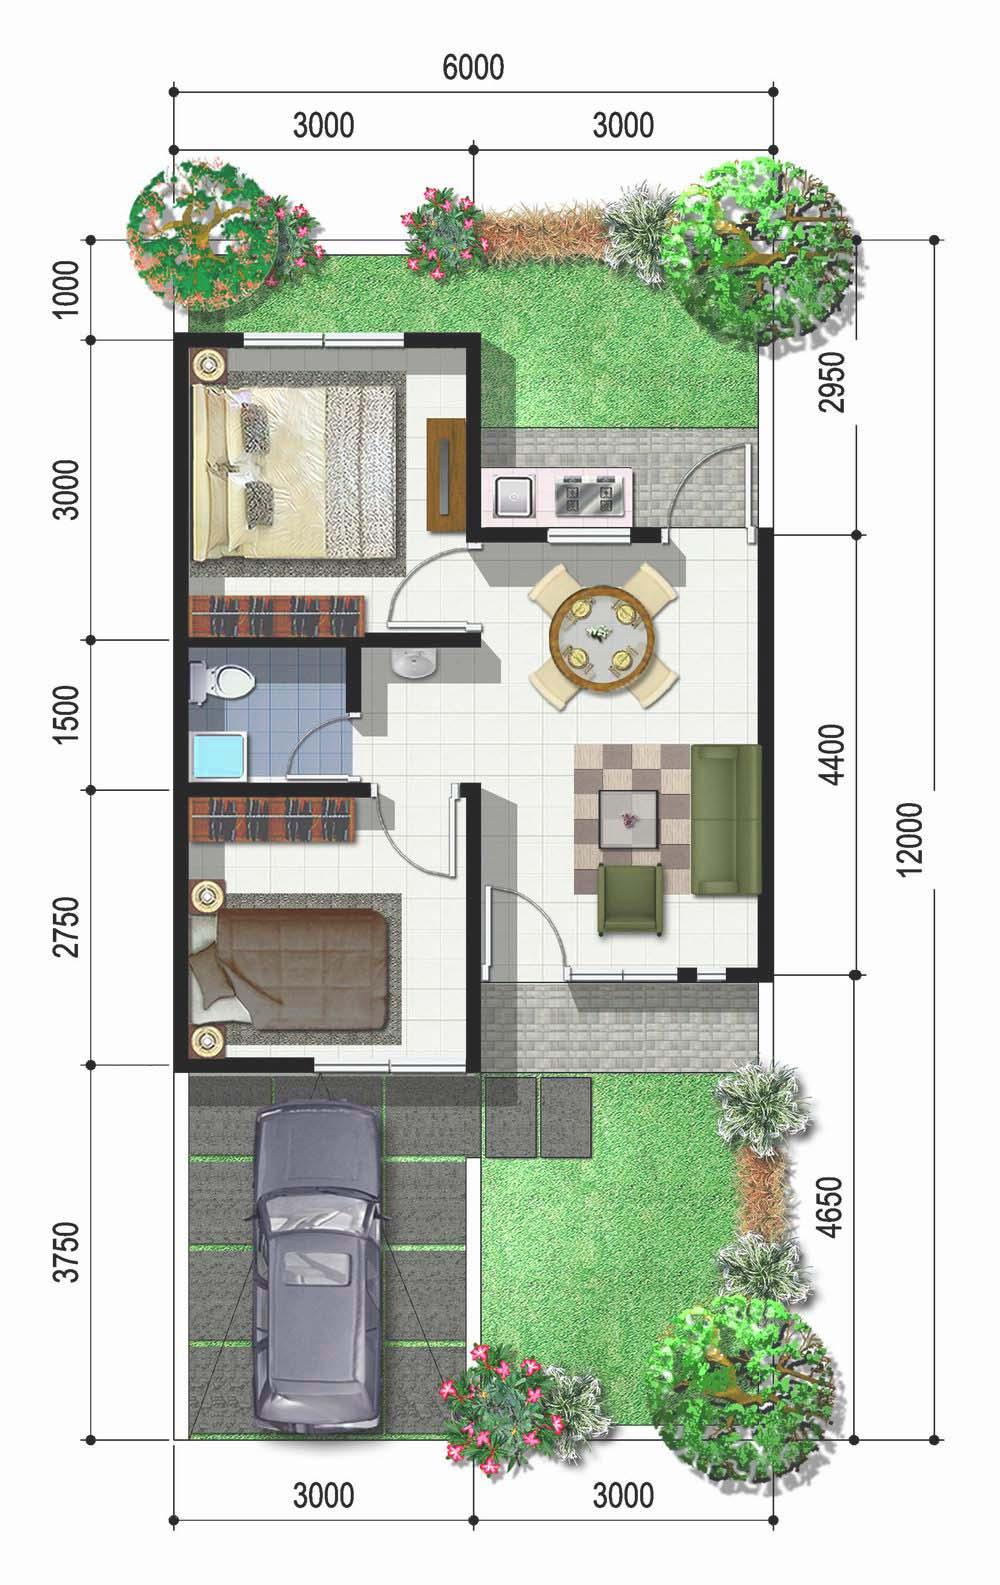 Denah Dalam Rumah Minimalis Type 36 Terbaru | Rancanghunian